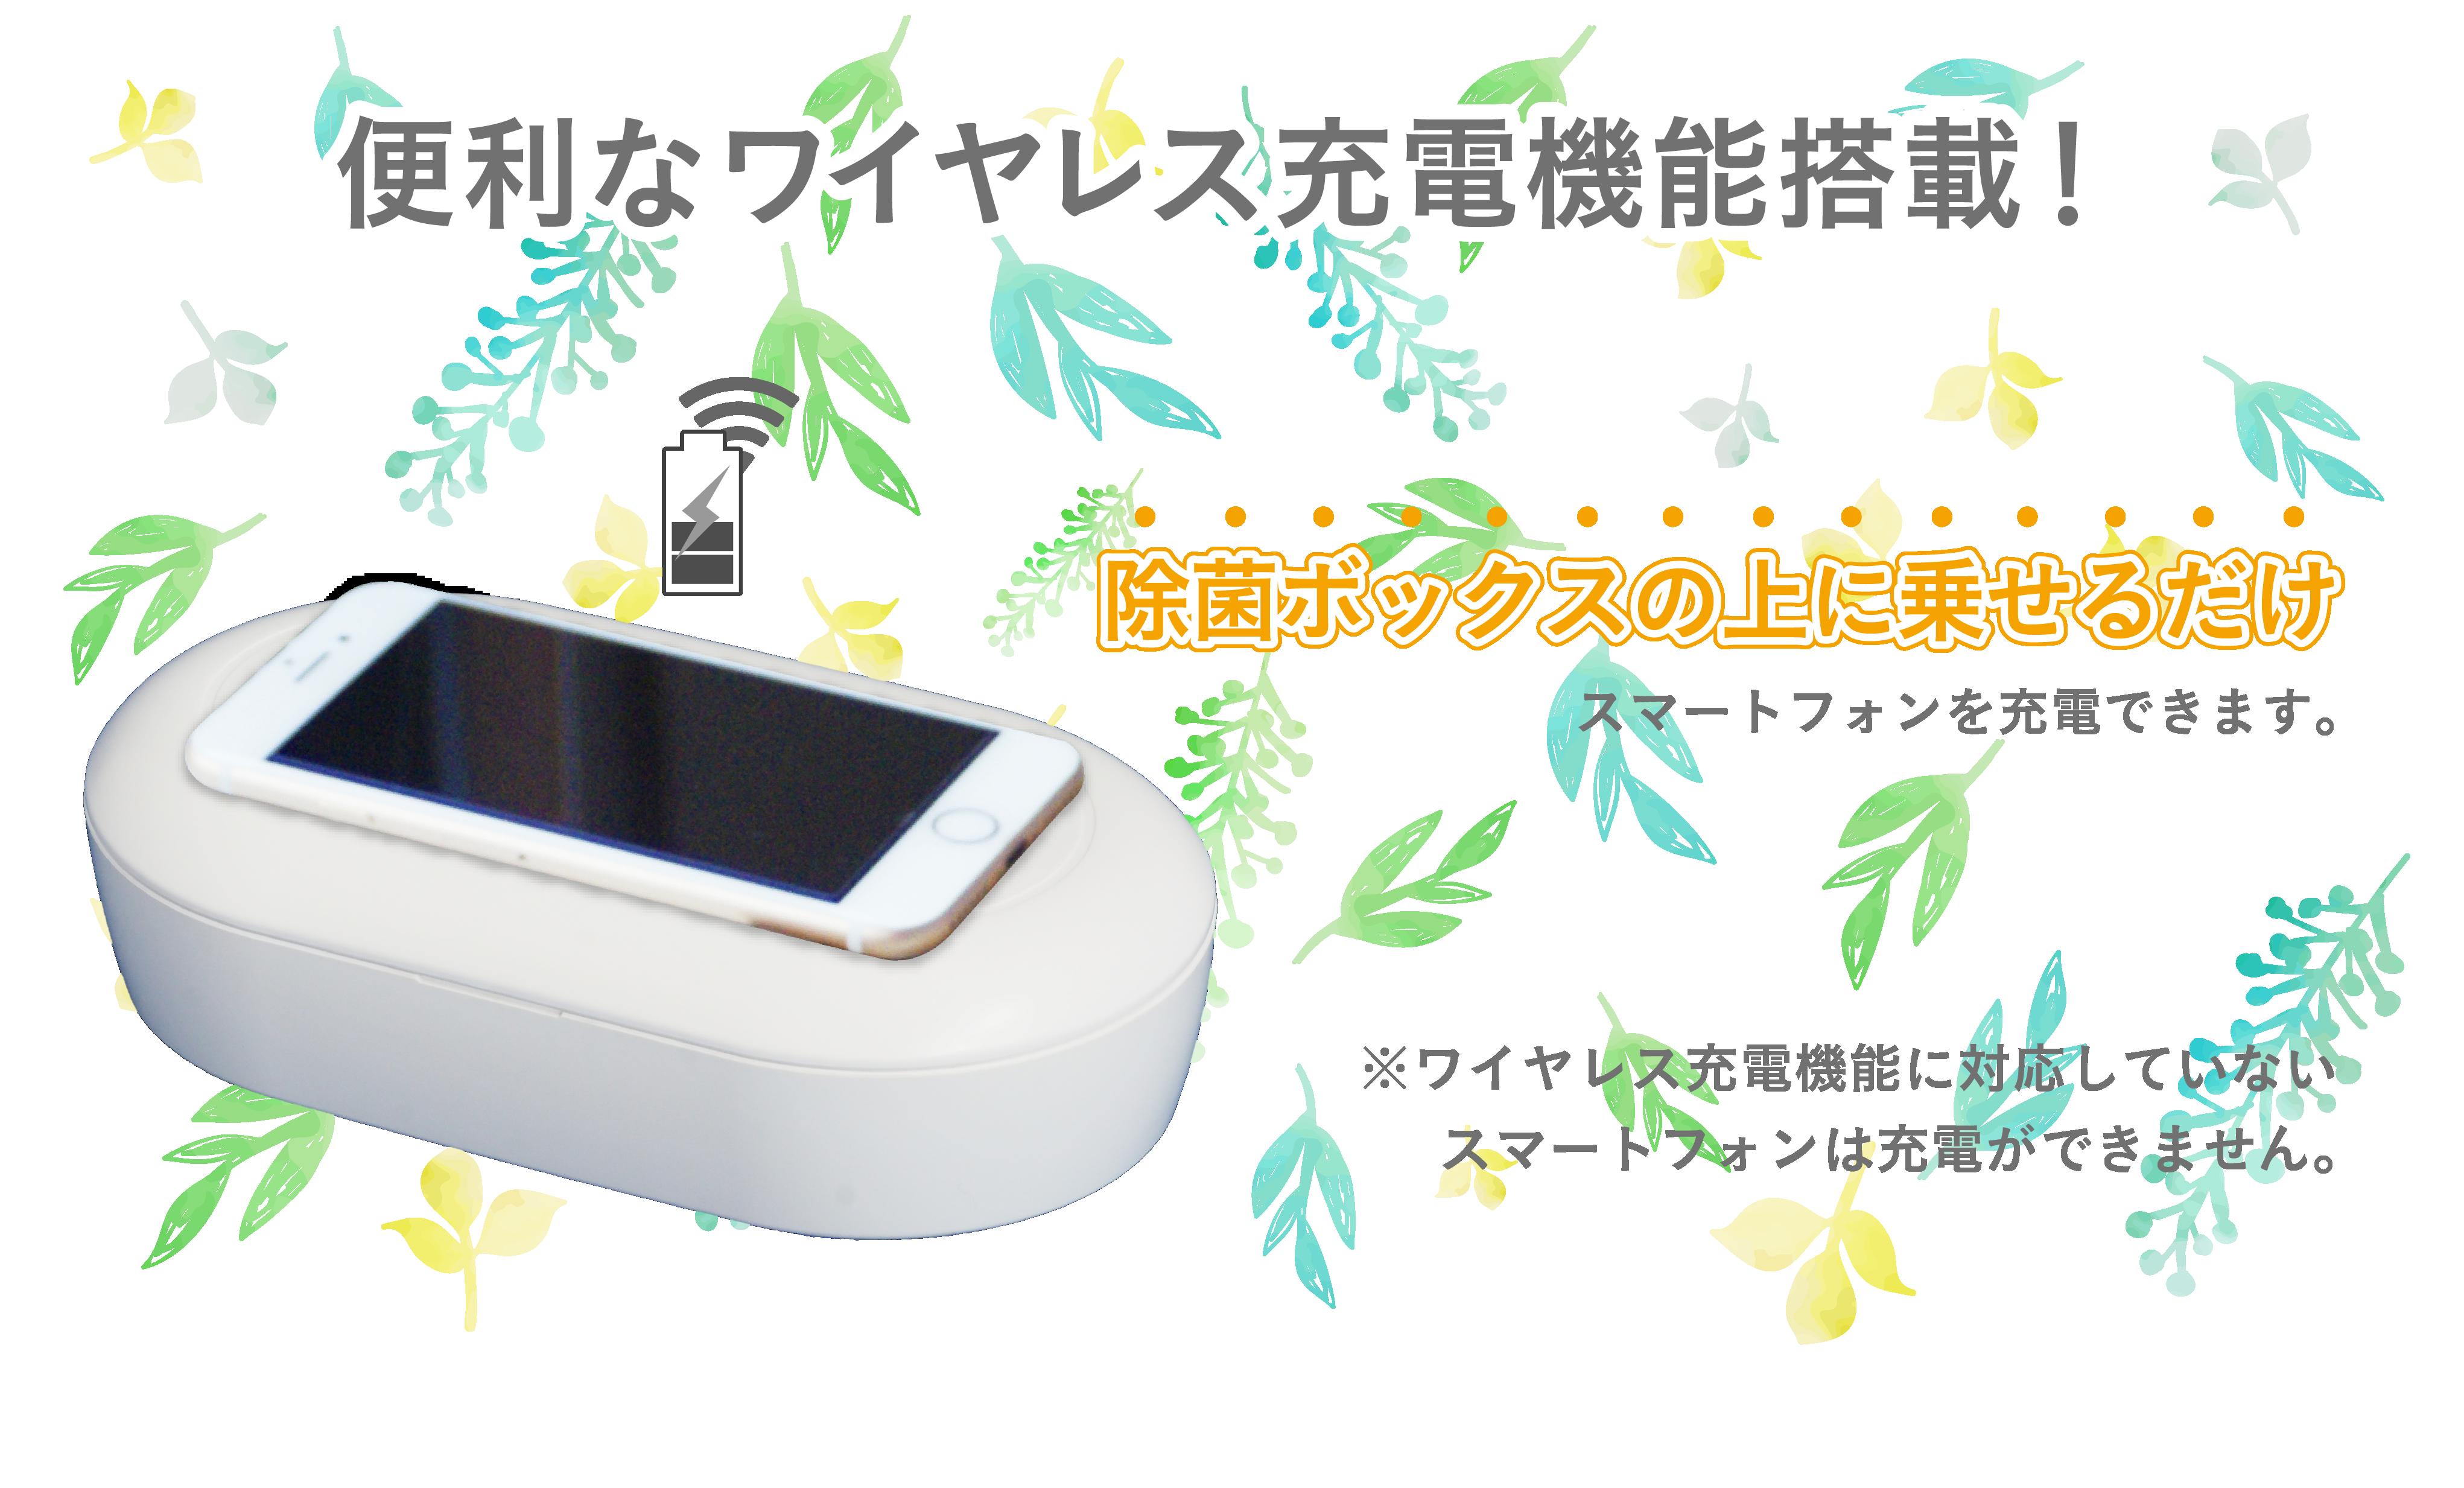 便利なワイヤレス充電機能搭載!